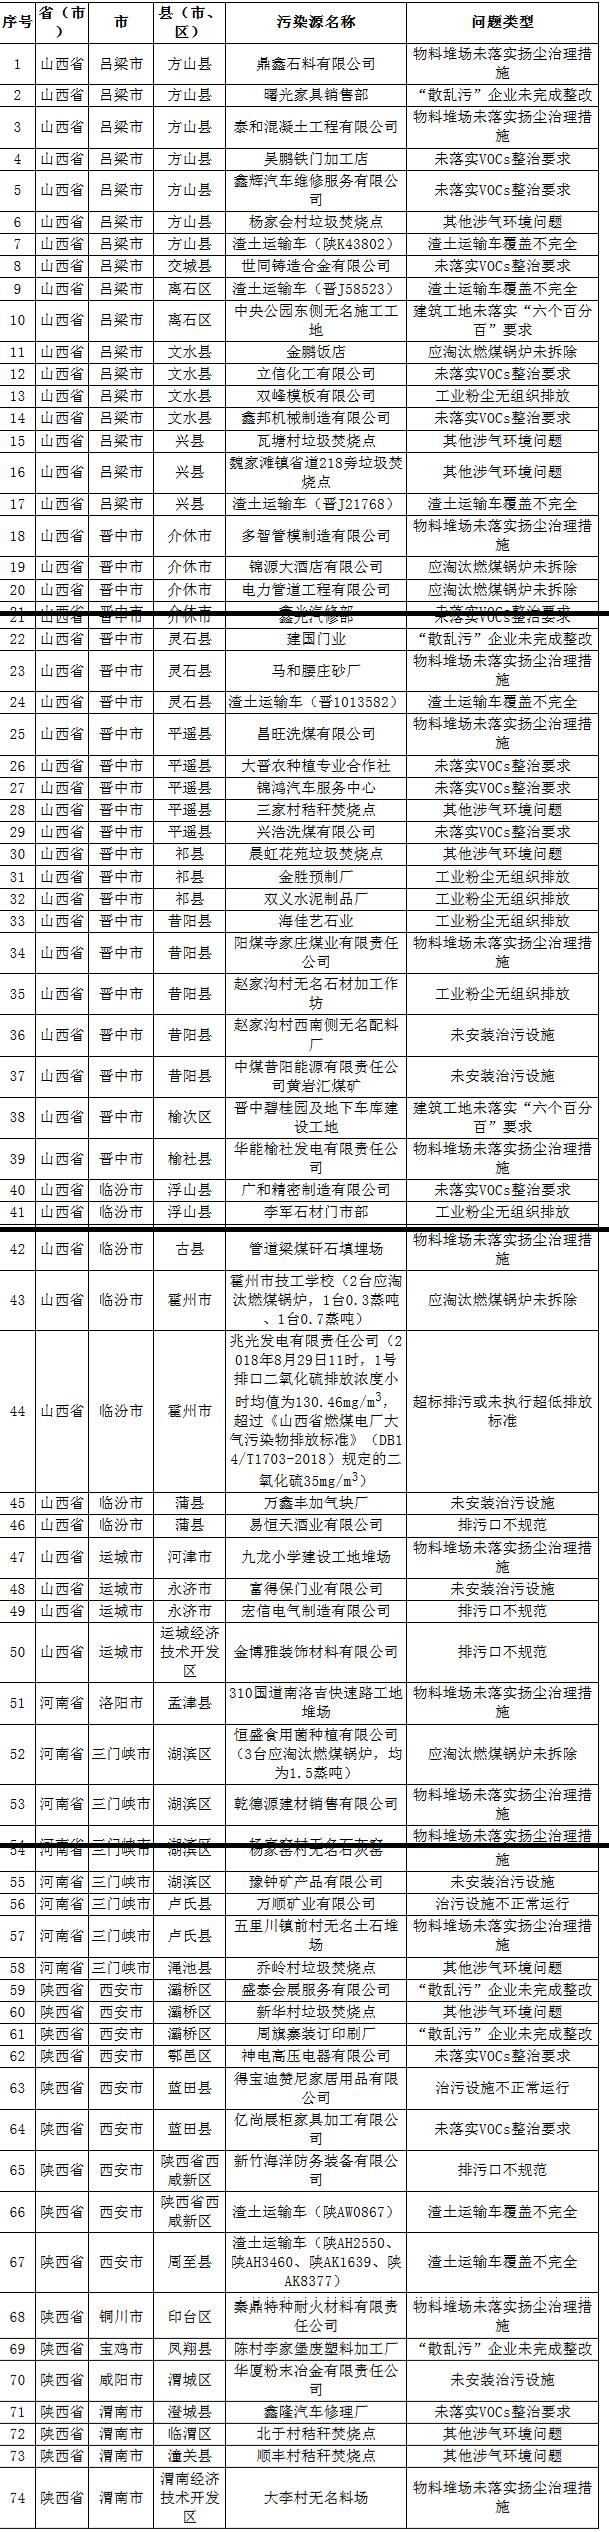 强化督查 | 生态环保部9月8日发现汾渭平原涉气环境问题77个